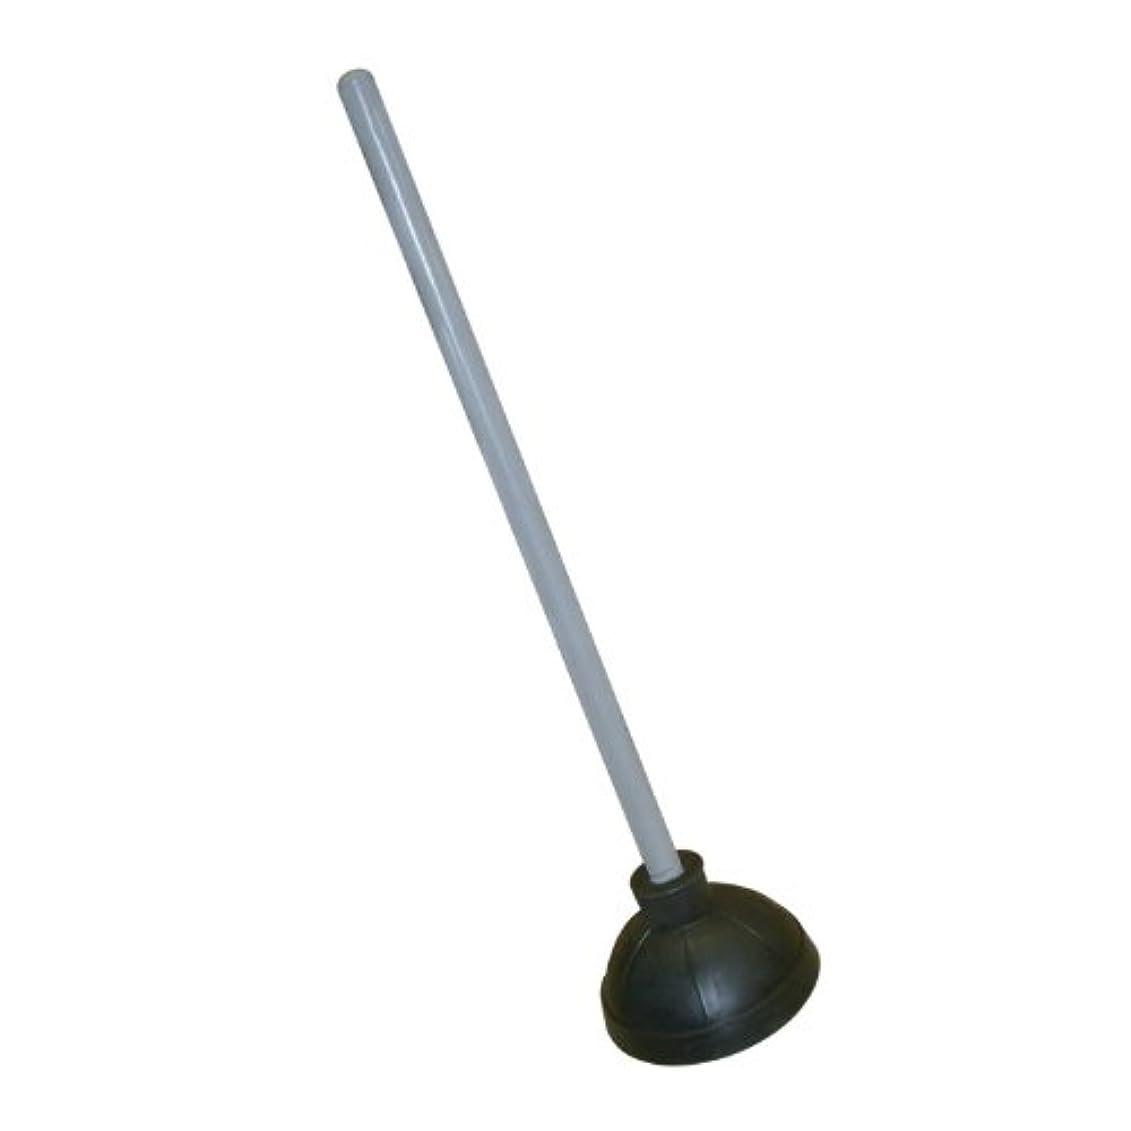 たらいに対して周りExcellante Plastic Plunger with 21-Inch Long Wooden Handle, Black by Excellant